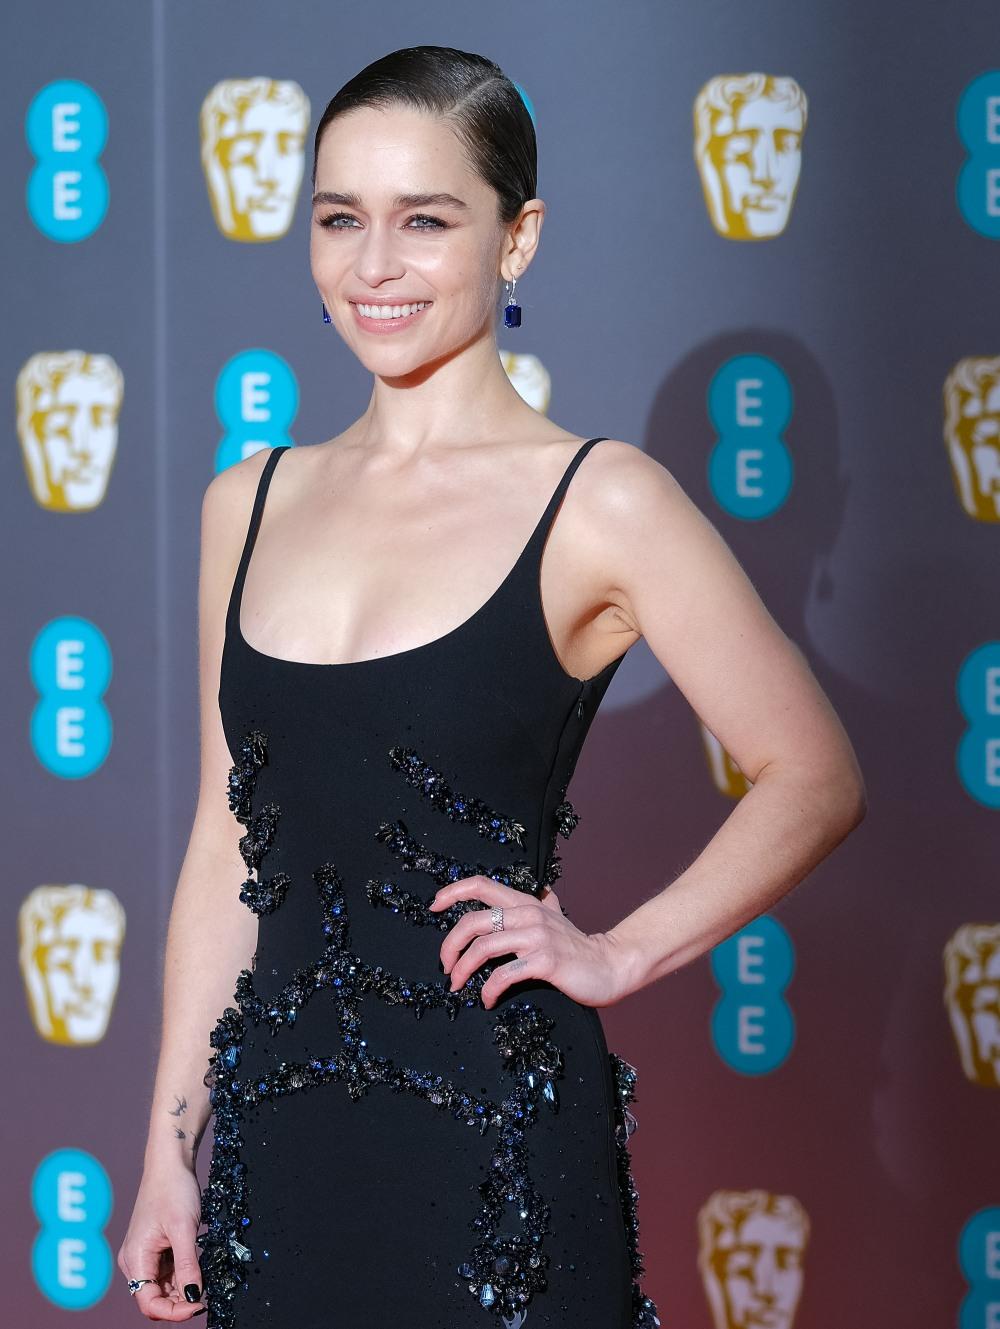 Domenica 2 febbraio 2020 Emilia Clarke parteciperà agli EE British Academy Film Awards del 2020